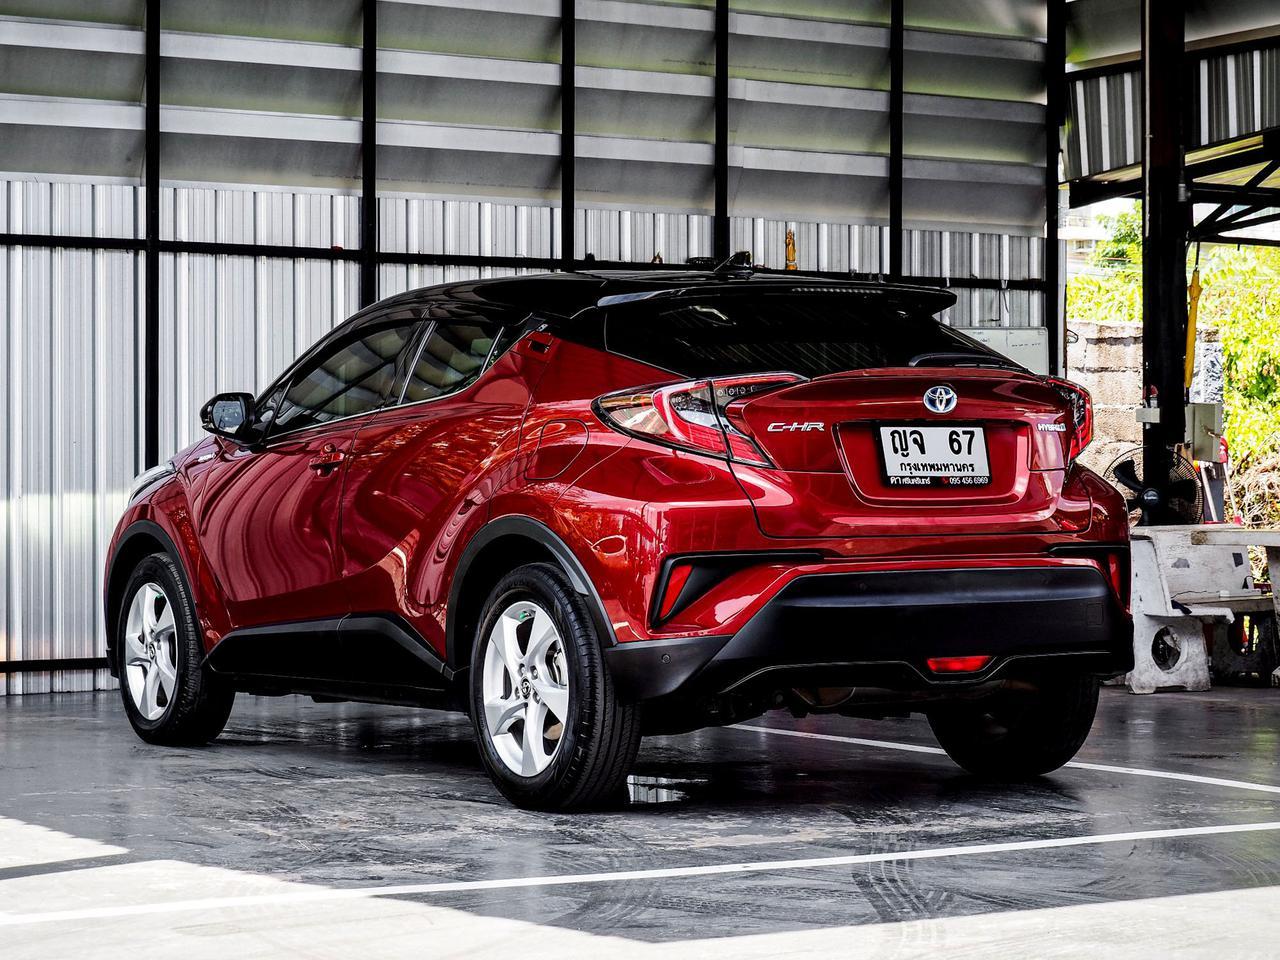 Toyota CHR HV Hi รุ่น Top สุด ปี 2019 เลขไมล์ 60,000 กิโล รูปที่ 4